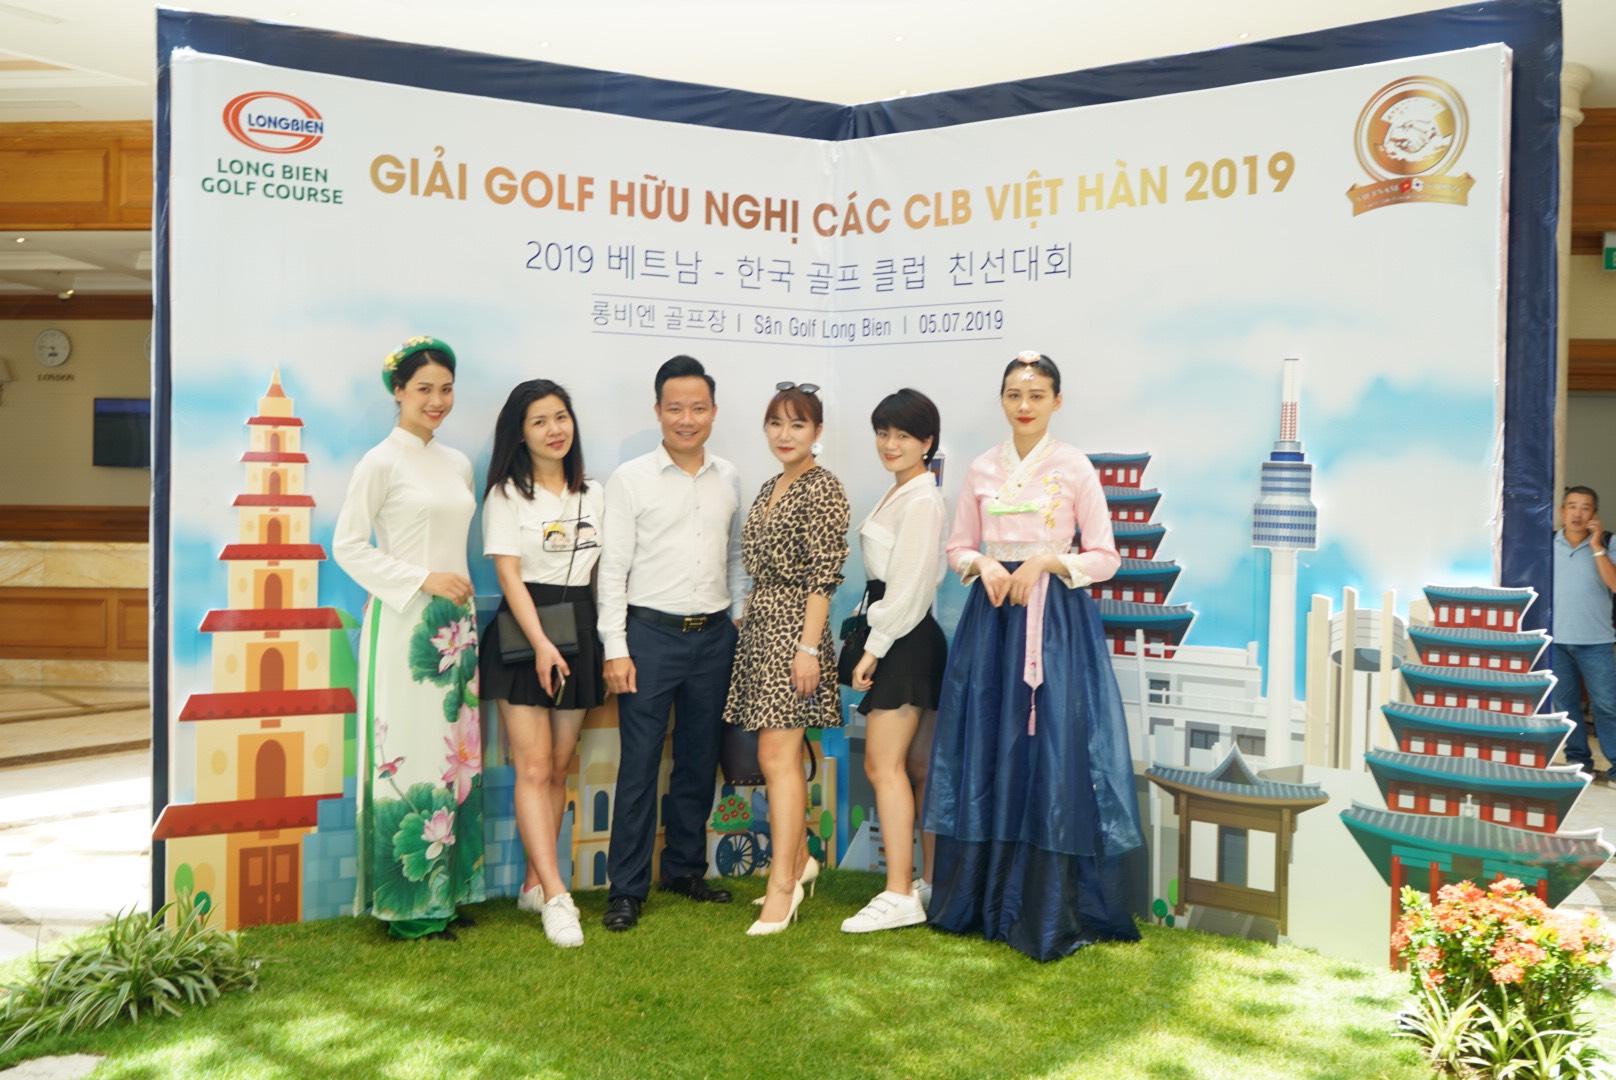 Thương hiệu ghế massage Tokuyo tài trợ giải Golf Việt Hàn 2019